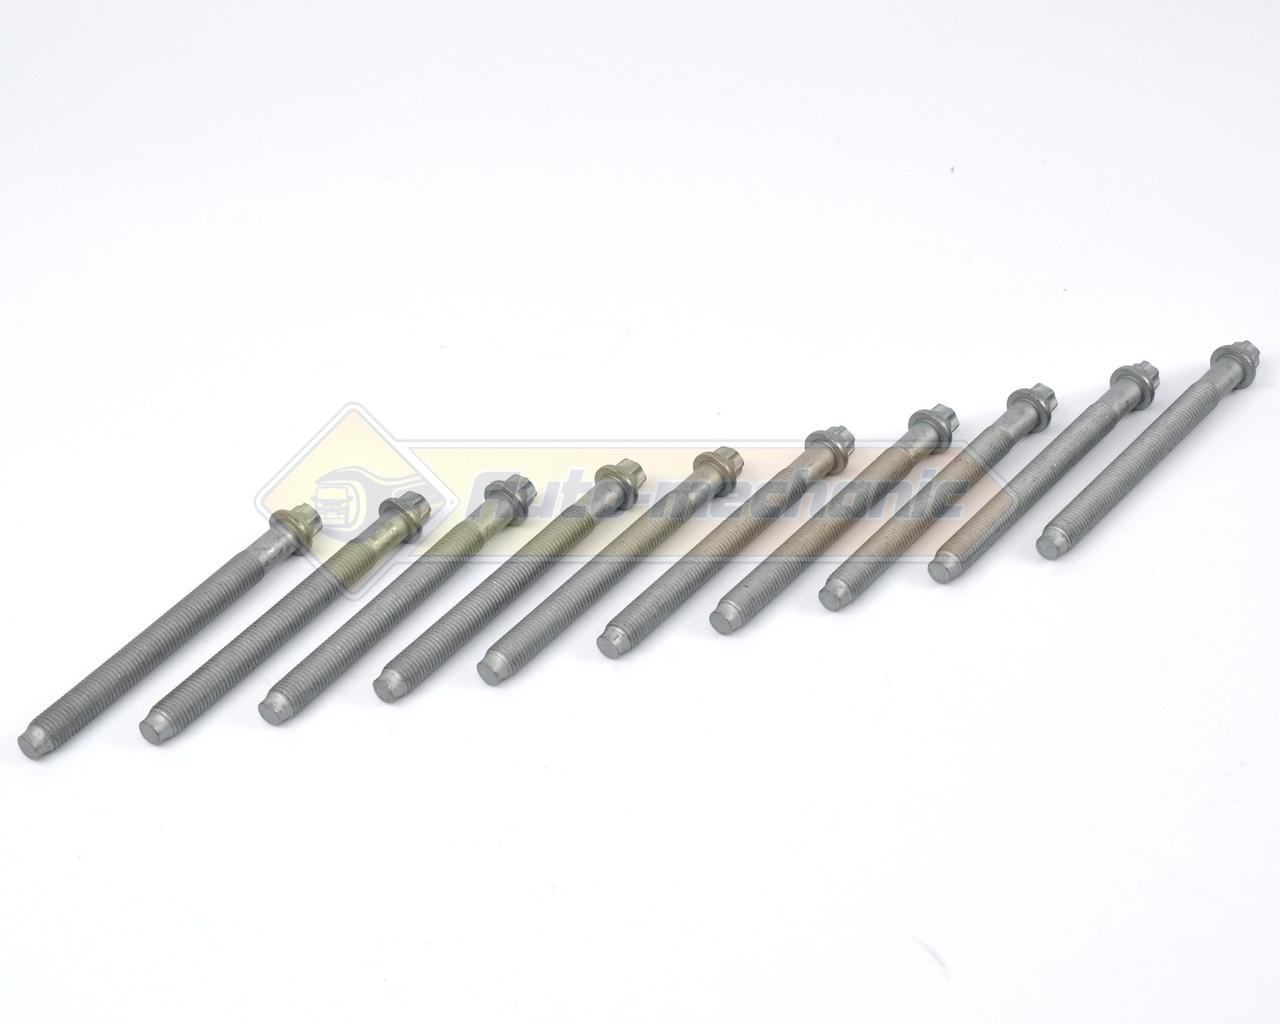 Болты головки блока цилиндров на Renault Kangoo 97->2008 - Victor Reinz (Германия) - 14-32161-01